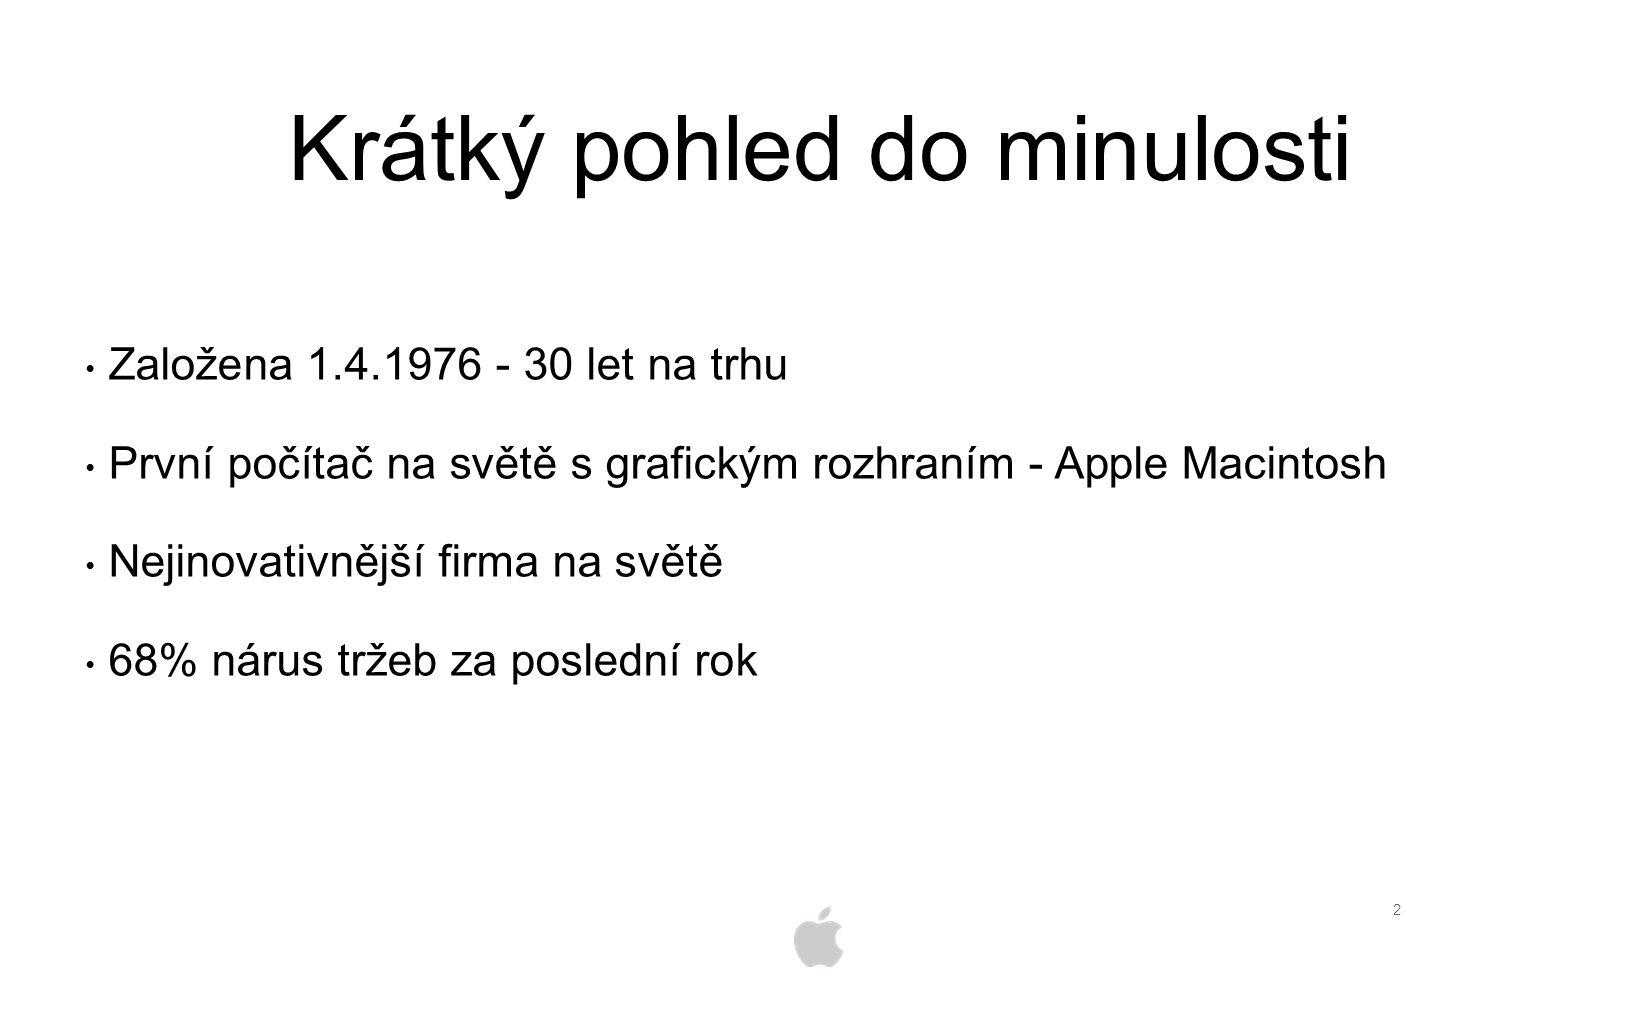 2 Založena 1.4.1976 - 30 let na trhu První počítač na světě s grafickým rozhraním - Apple Macintosh Nejinovativnější firma na světě 68% nárus tržeb za poslední rok Krátký pohled do minulosti